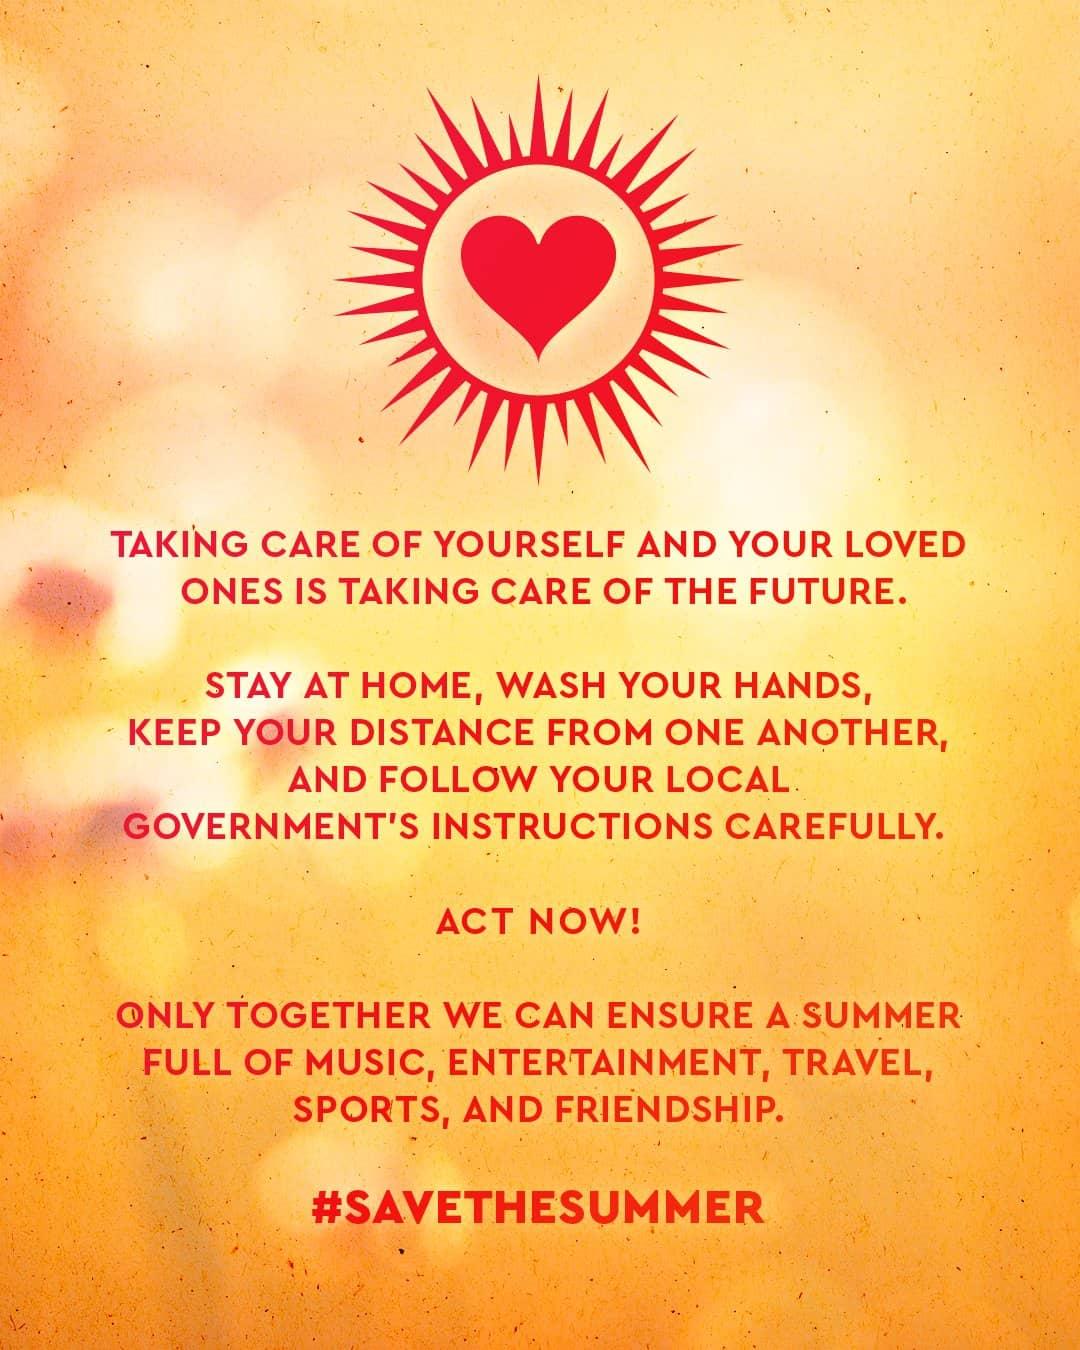 #SAVETHESUMMER Poster